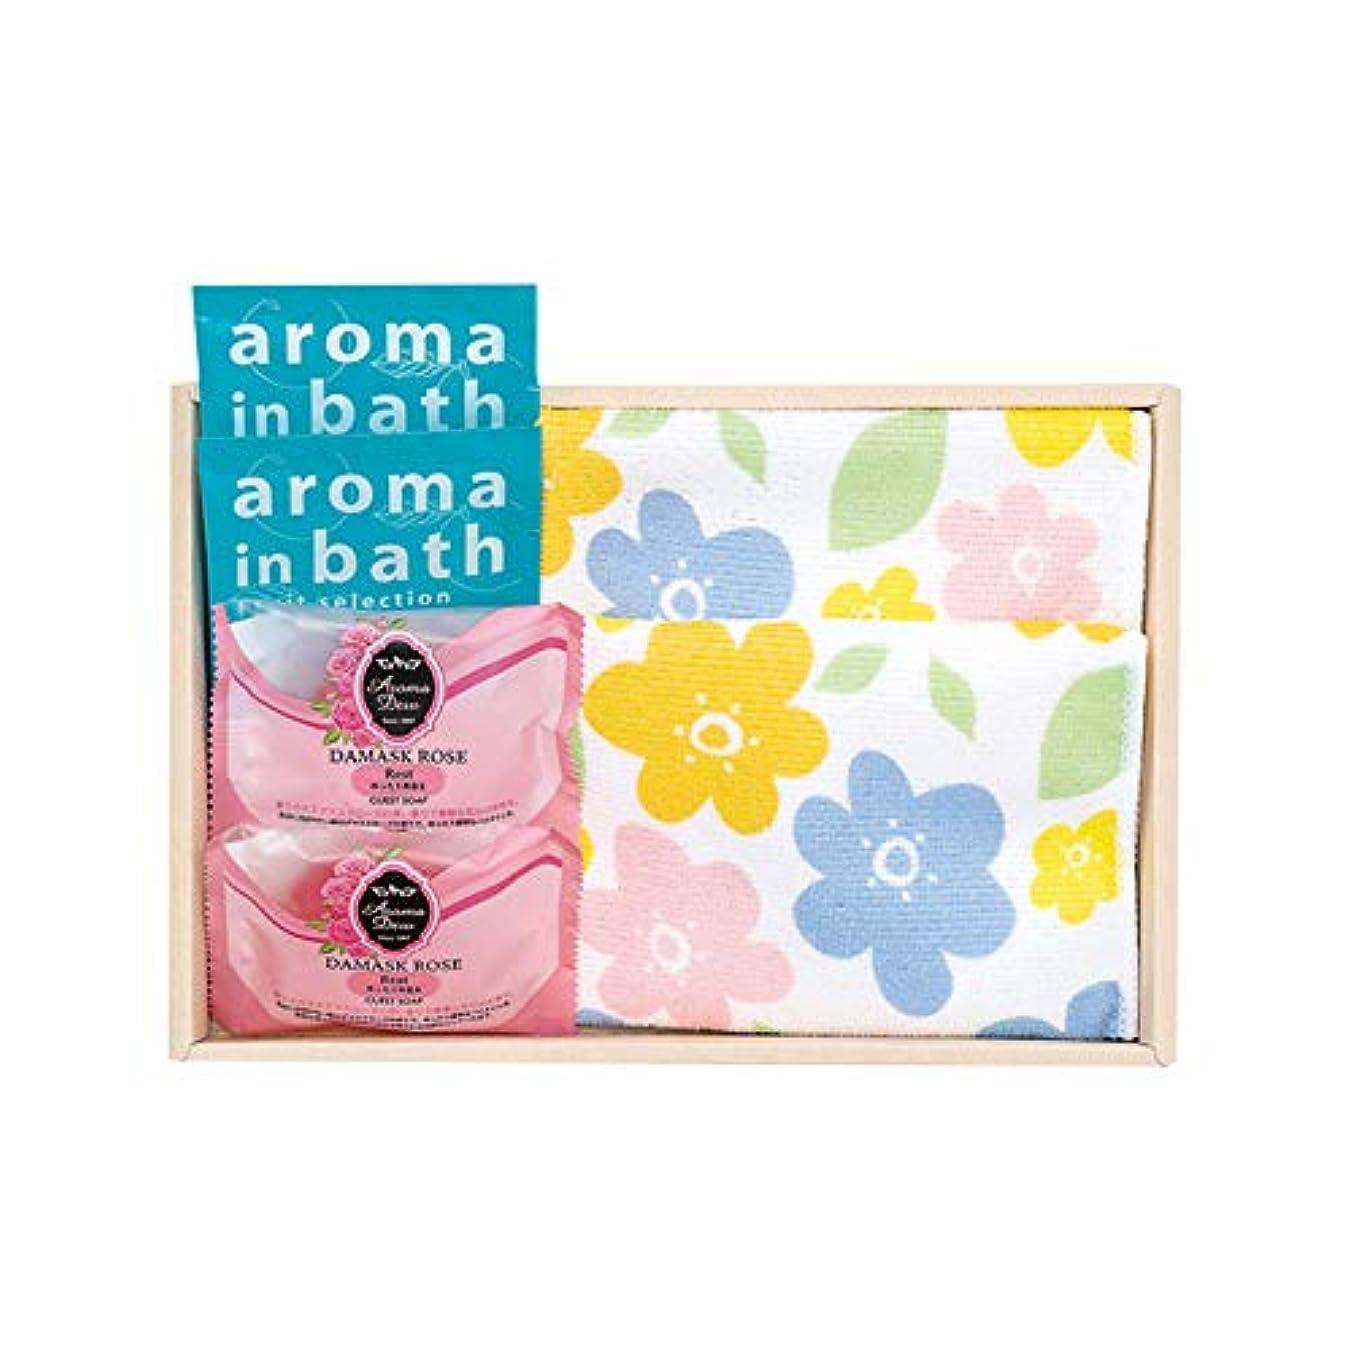 趣味プロテスタント反発アロマの香り バスセット 341-81 入浴剤ギフト